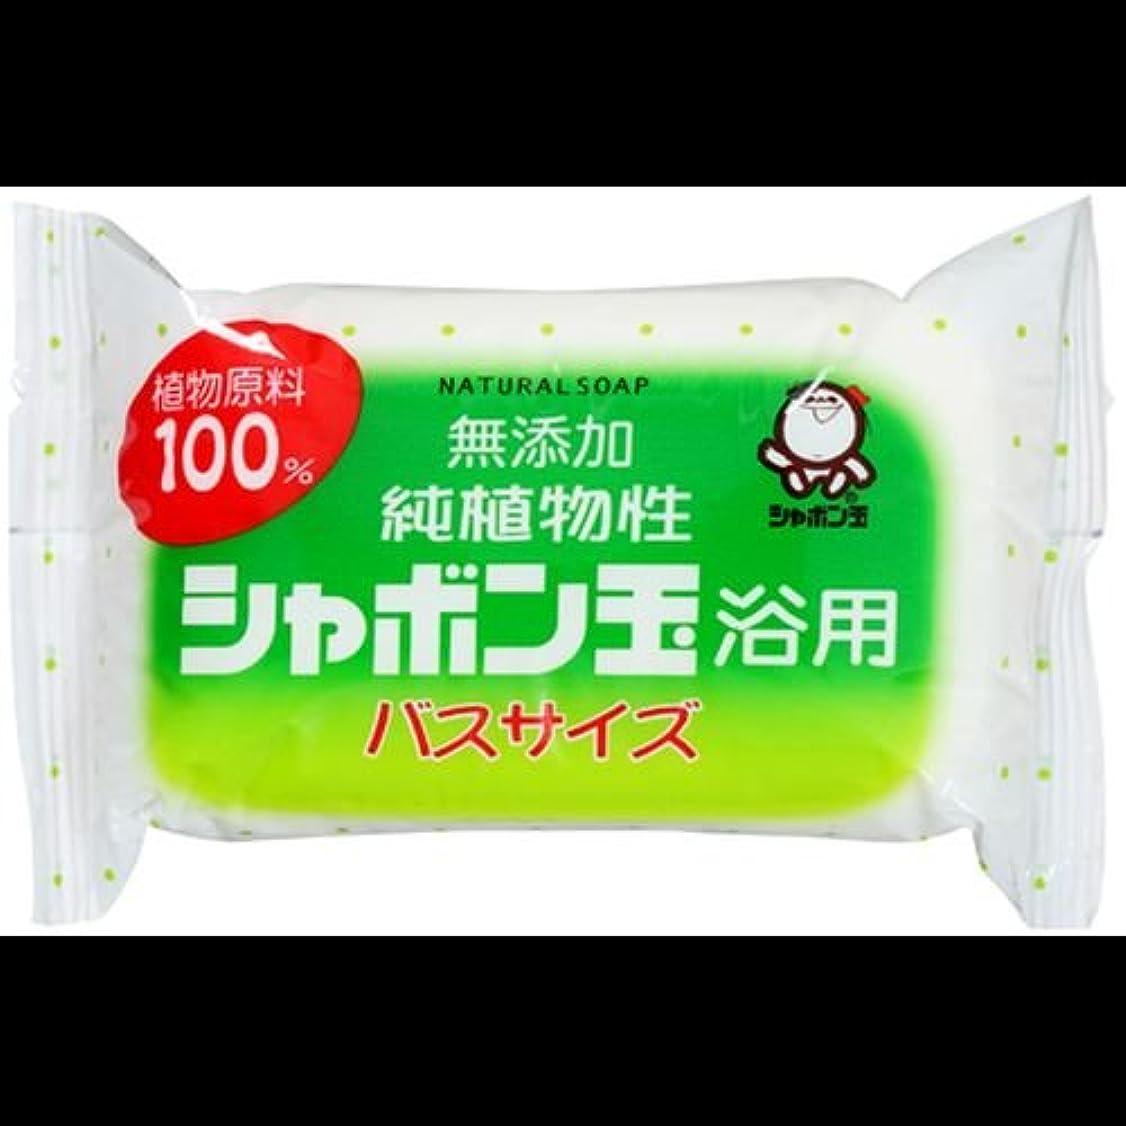 花束リボン路地【まとめ買い】純植物性シャボン玉 浴用 バスサイズ155g ×2セット